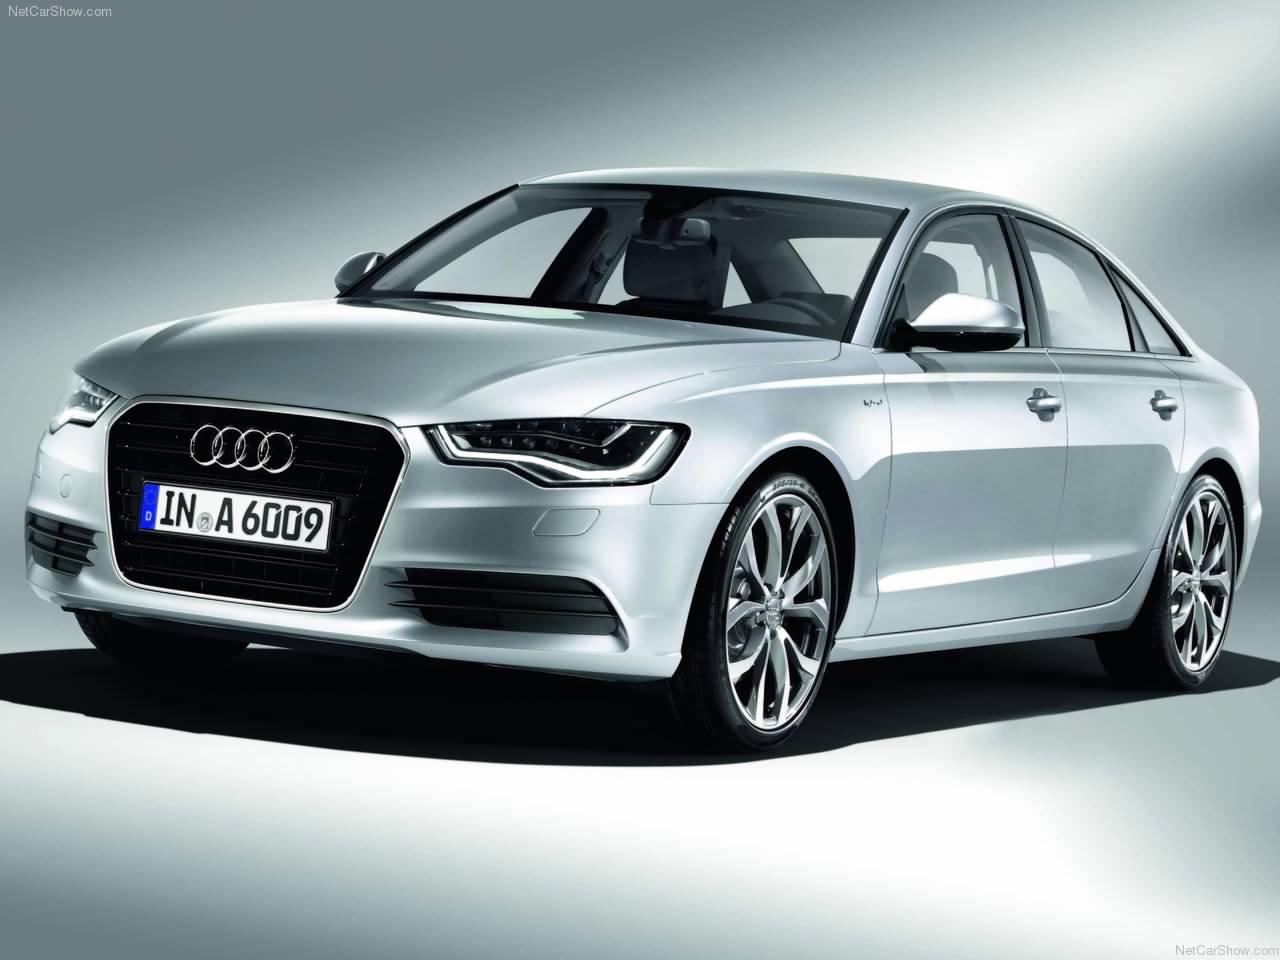 http://2.bp.blogspot.com/_lsyt_wQ2awY/TPZAGjhPmhI/AAAAAAACH9Y/6GXolED5dNc/s1600/Audi-A6_Hybrid_2012_1280x960_wallpaper_02.jpg